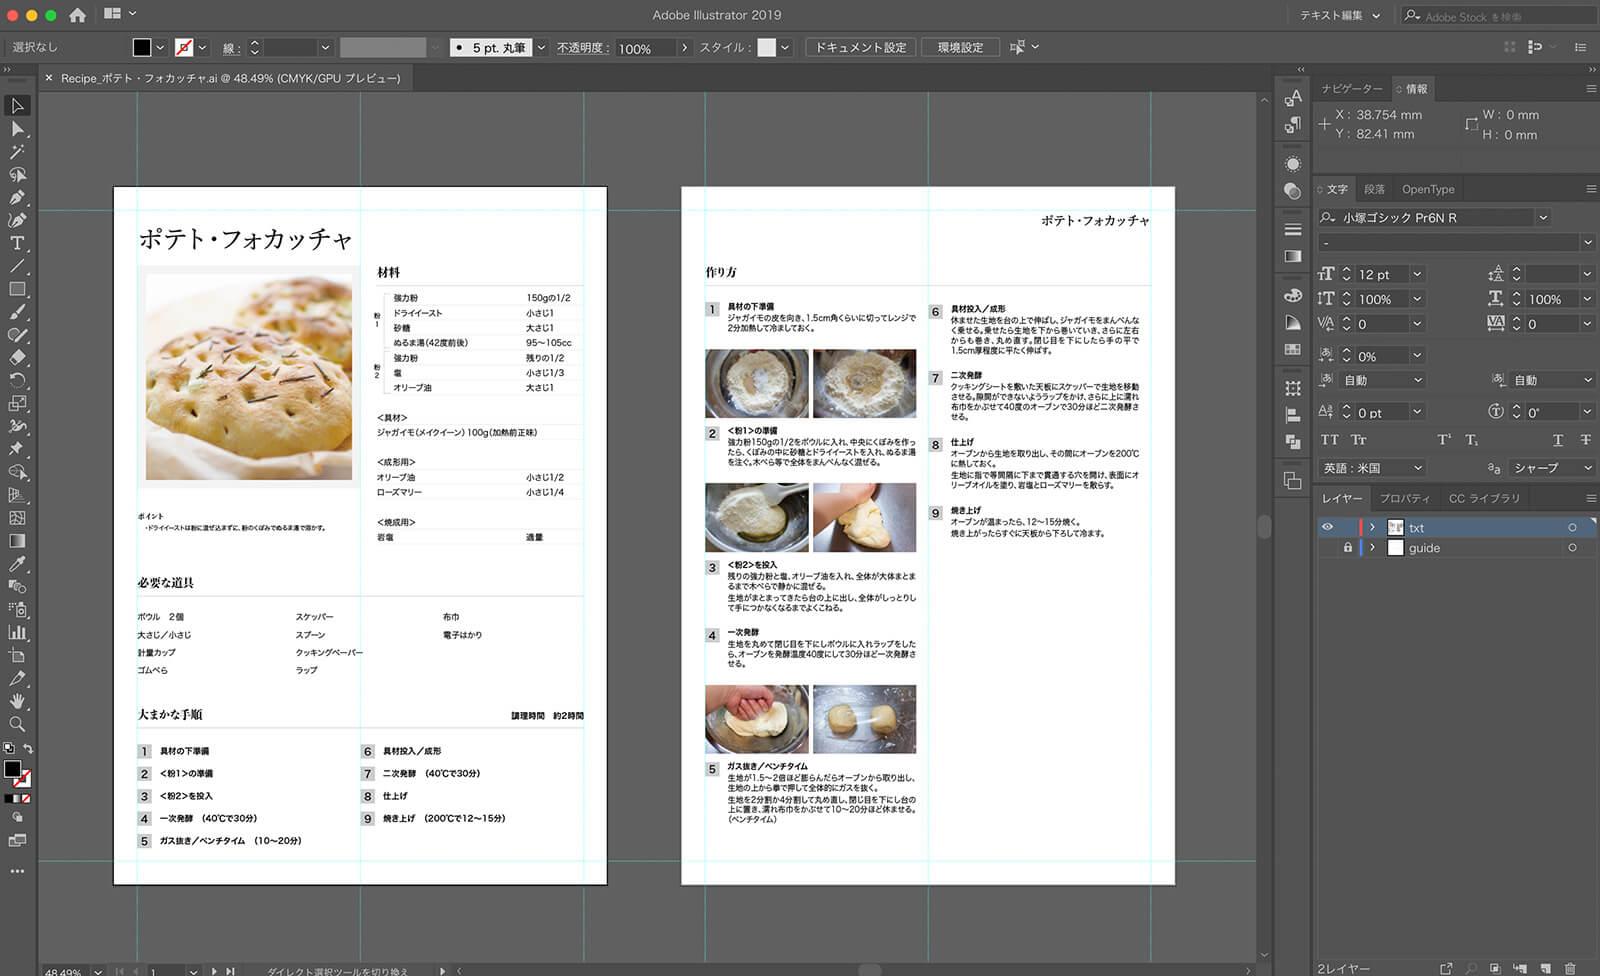 作成途中のプロトタイプイメージ